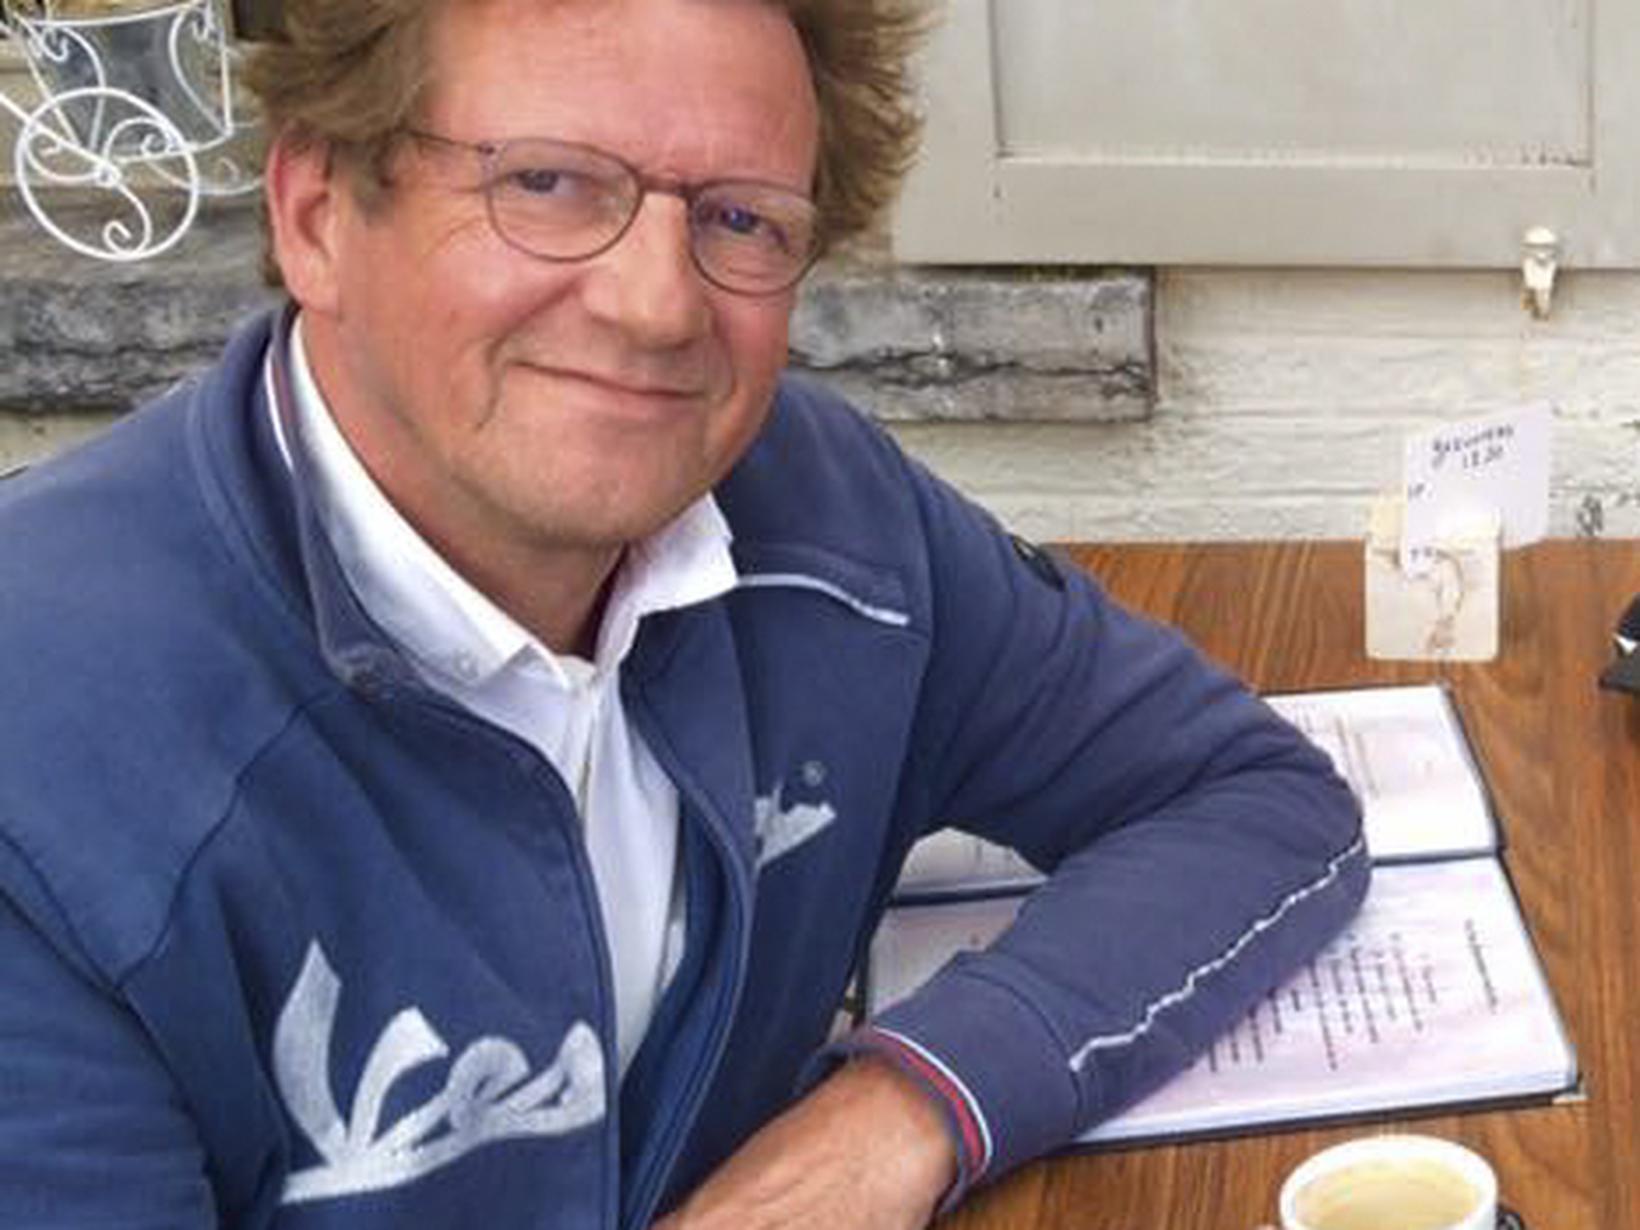 Paul from Antwerpen, Belgium